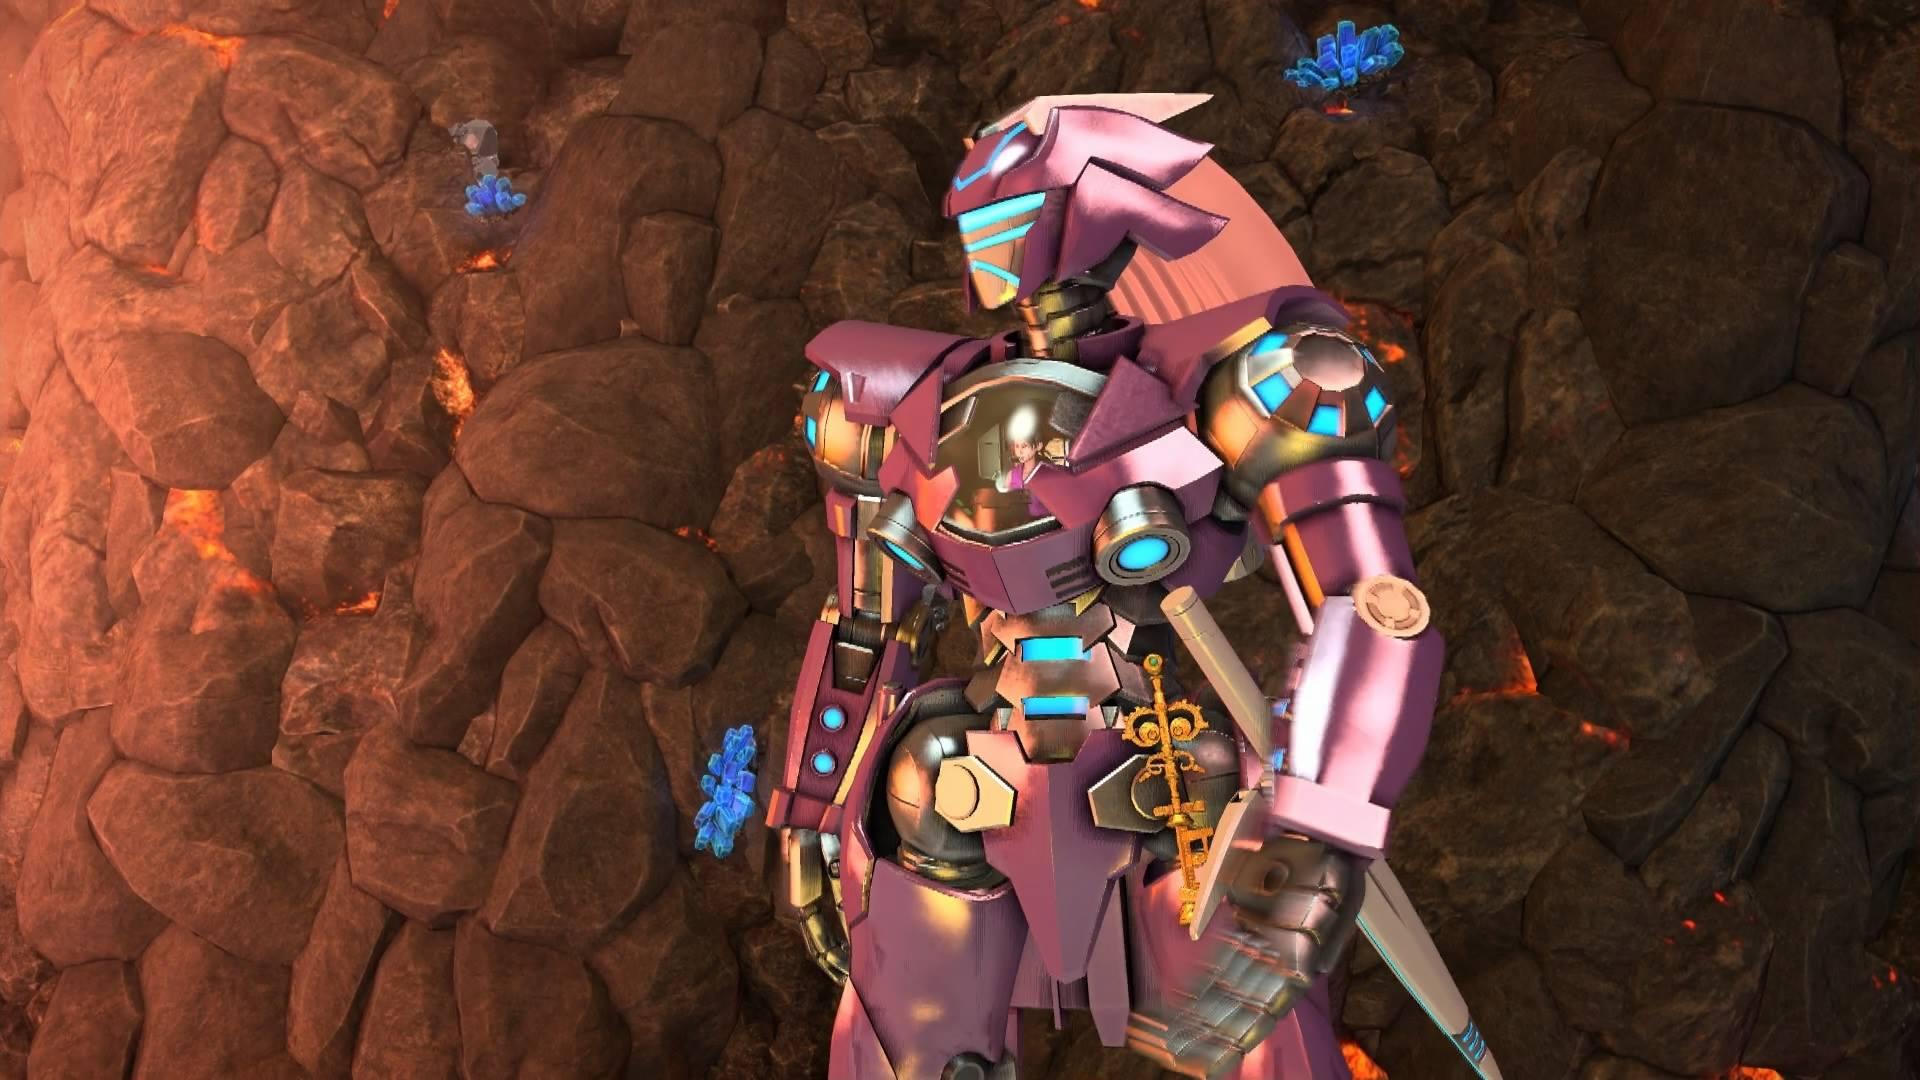 [PS4] Консольный гейминг с Сарказмо – Knack - Изображение 2